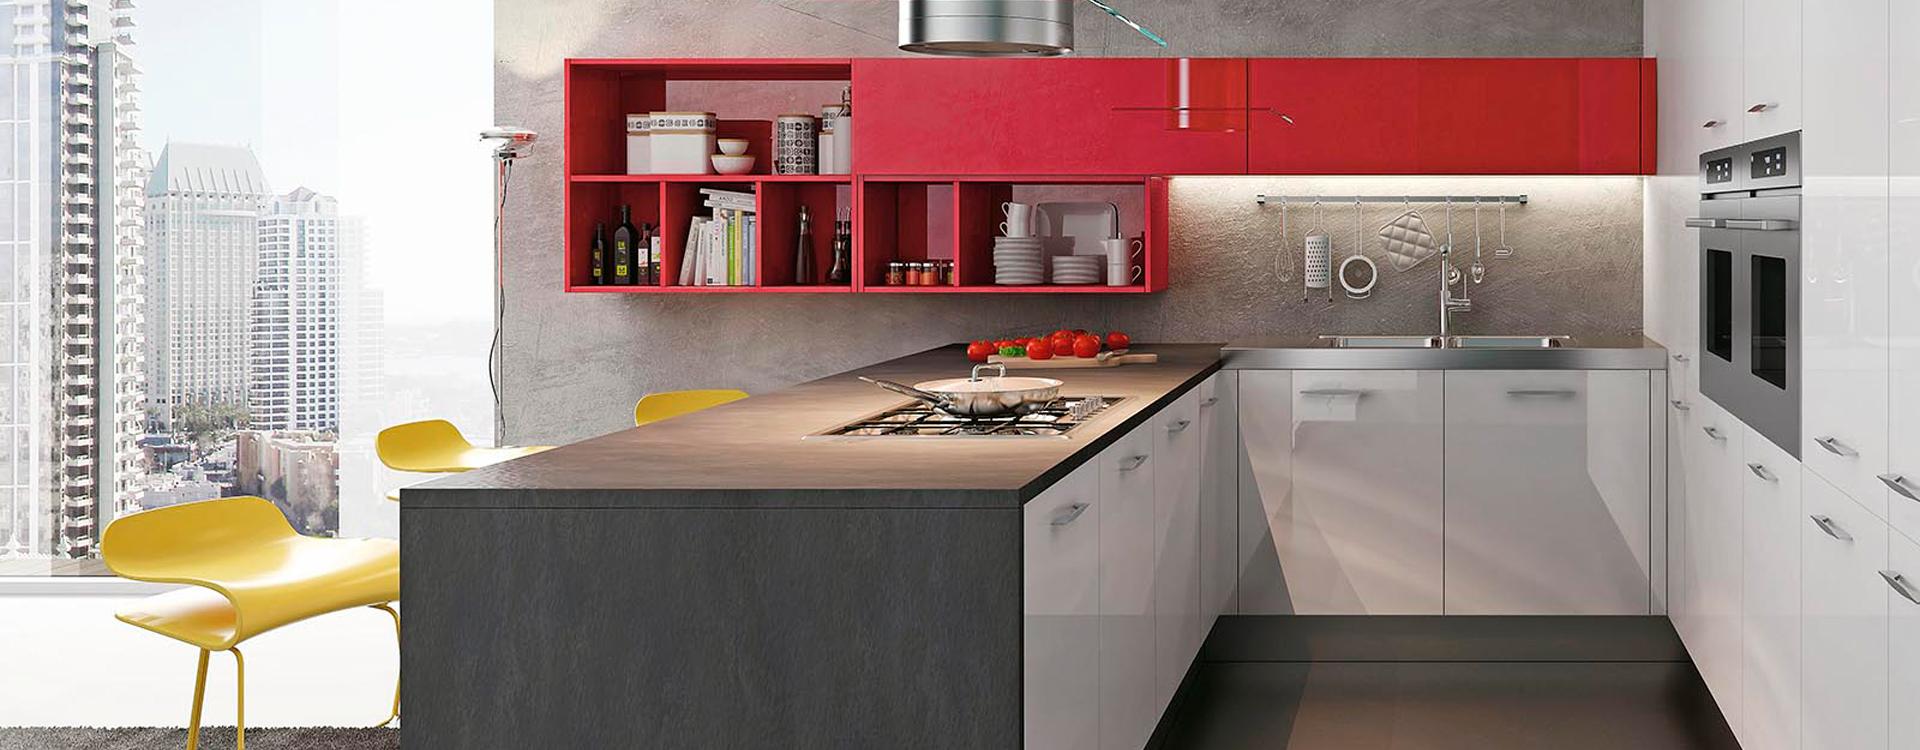 Cuisine couloir lacroix design lausanne for Cuisine couloir